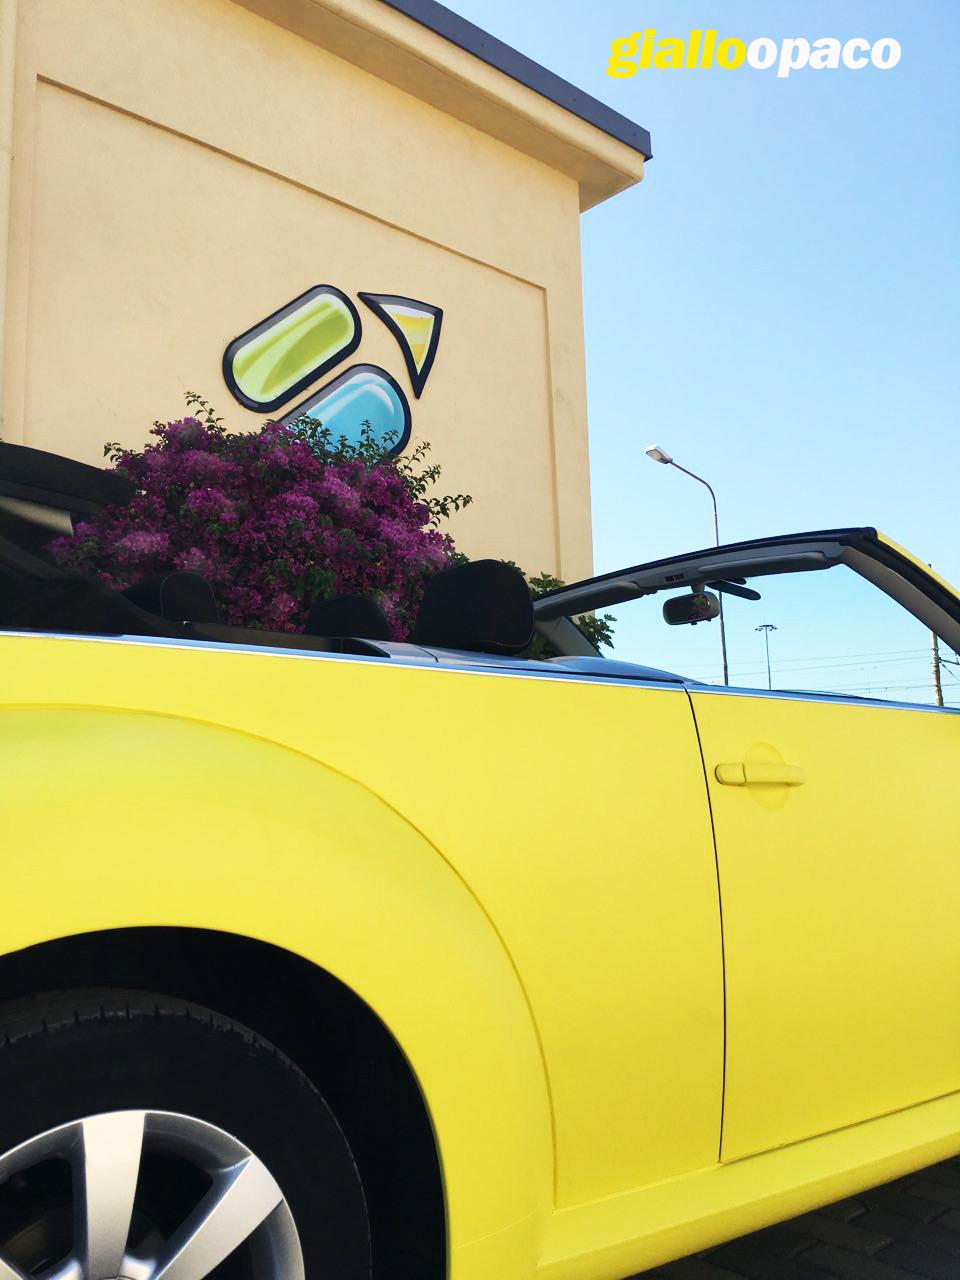 rivestimento integrale (car wrap) con pellicola giallo opaco